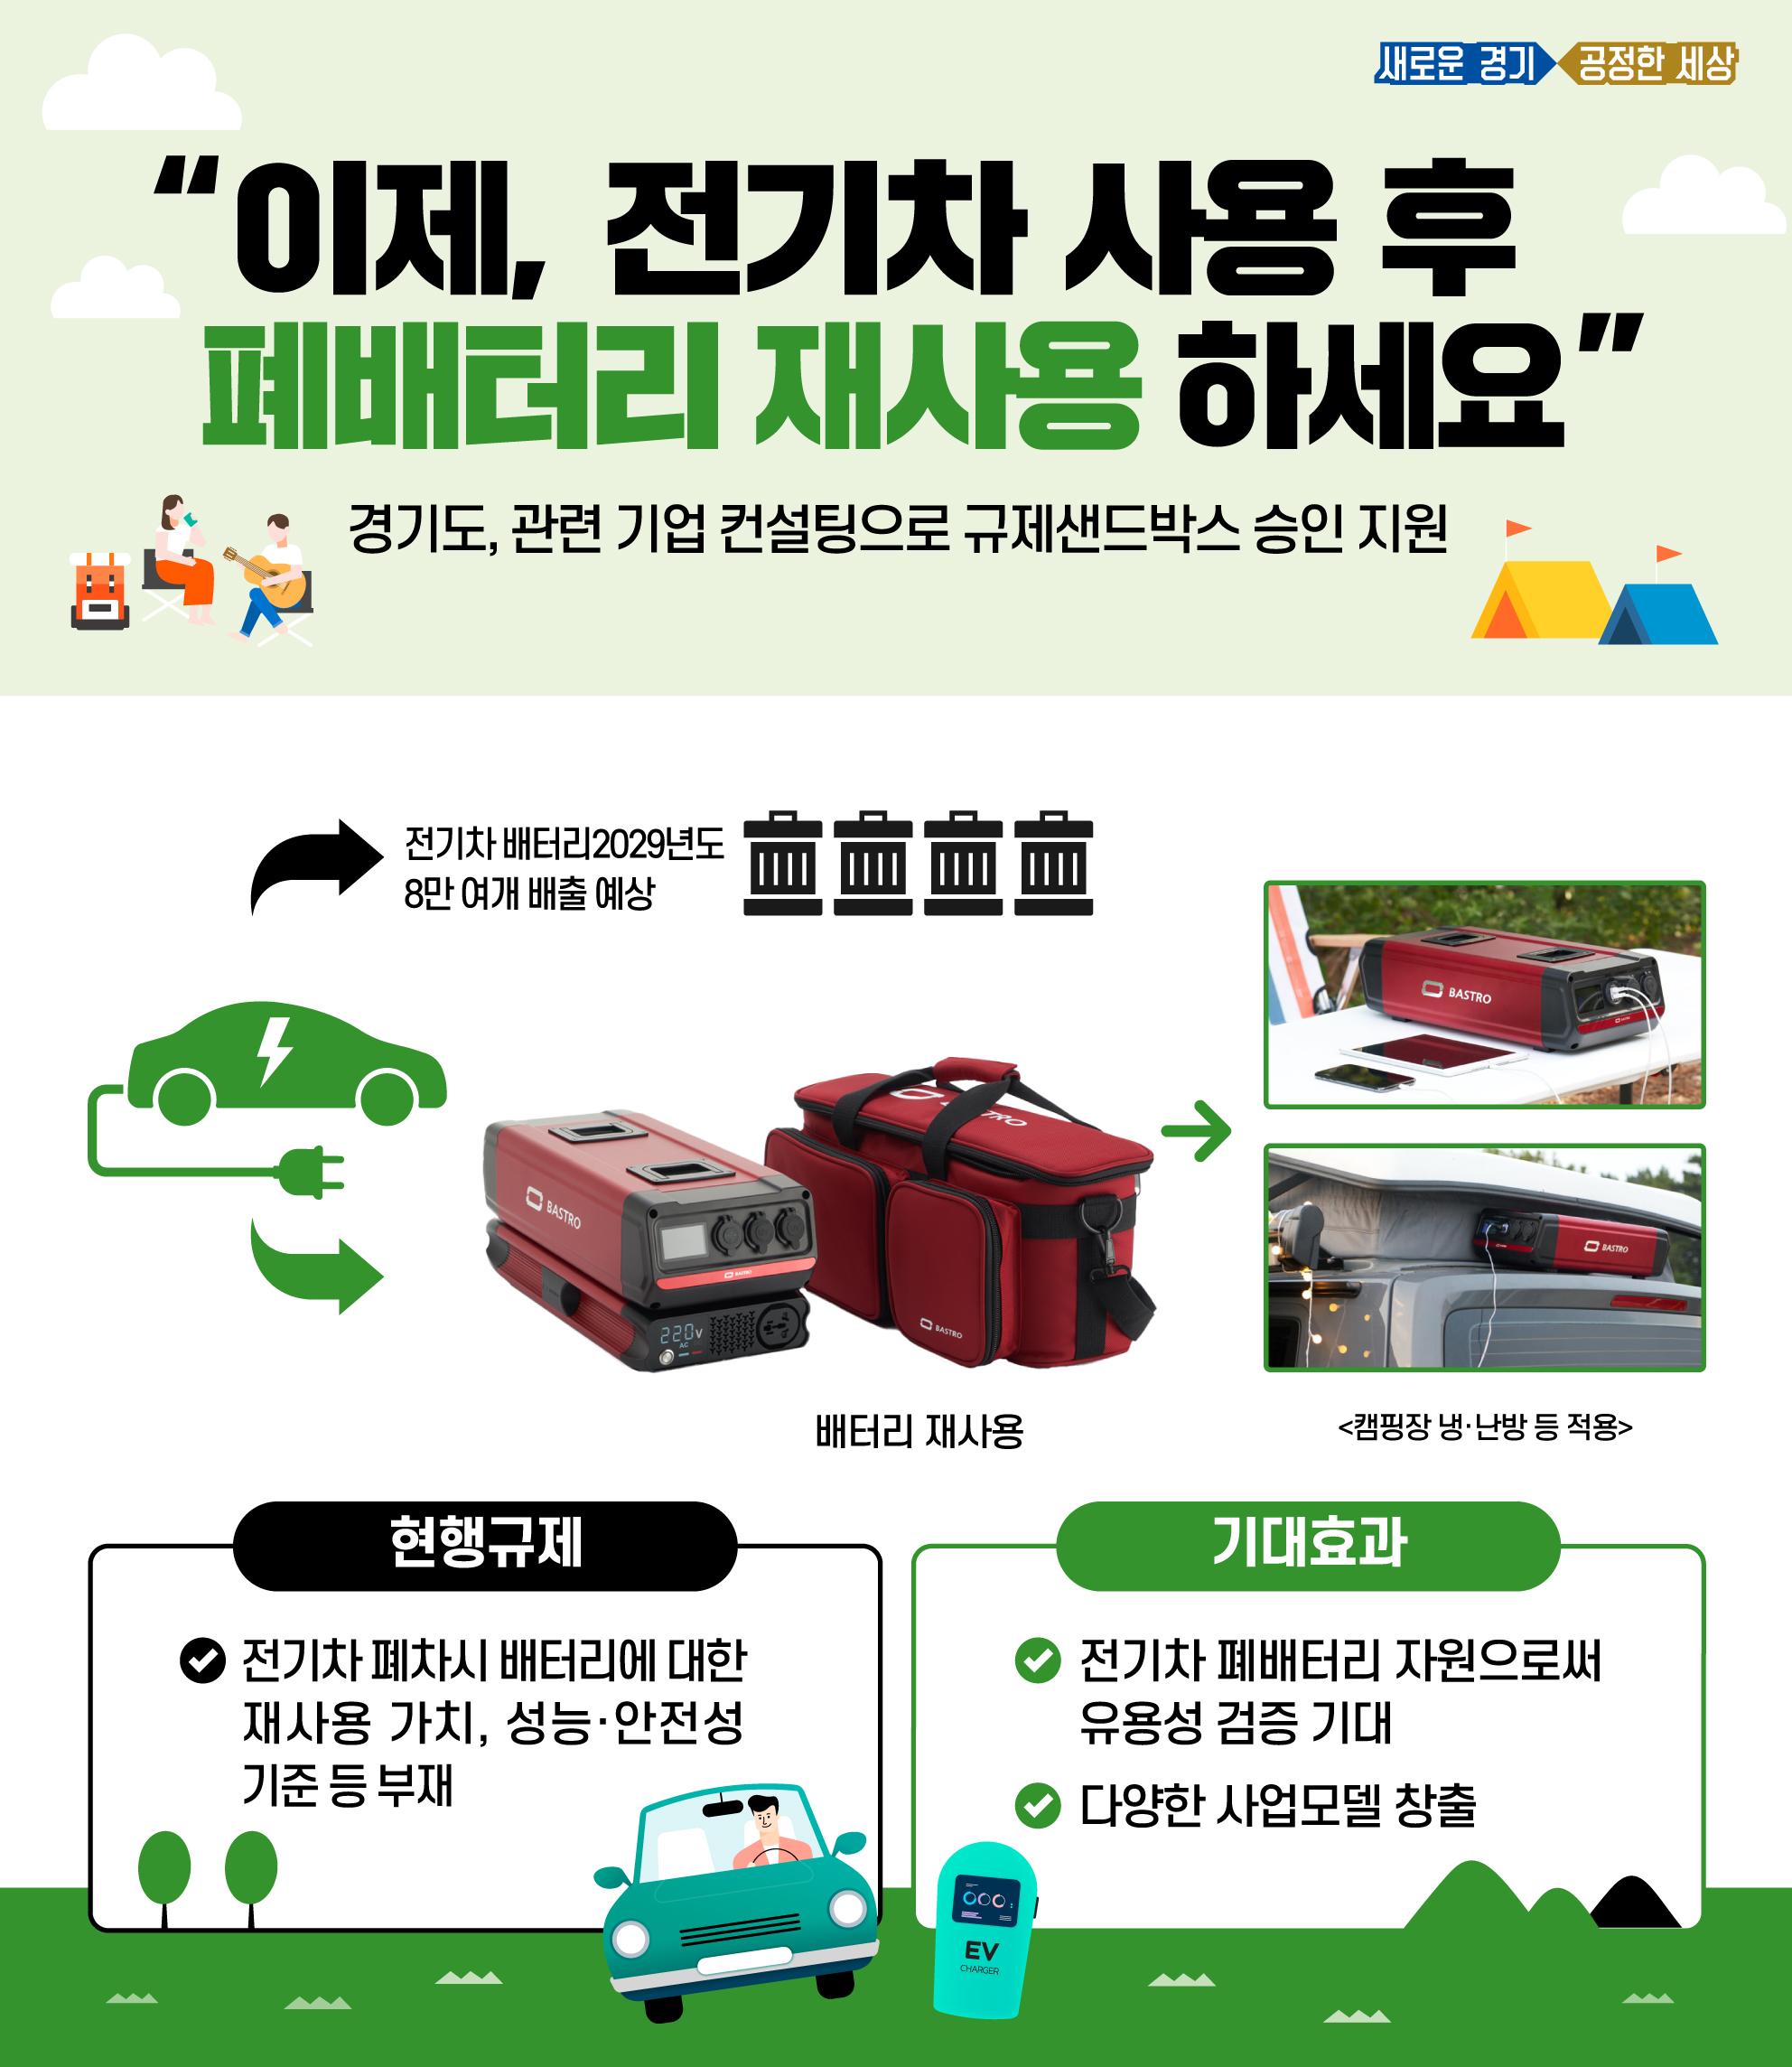 경기도가 컨설팅한 '전기차 배터리 재사용' 규제샌드박스 승인